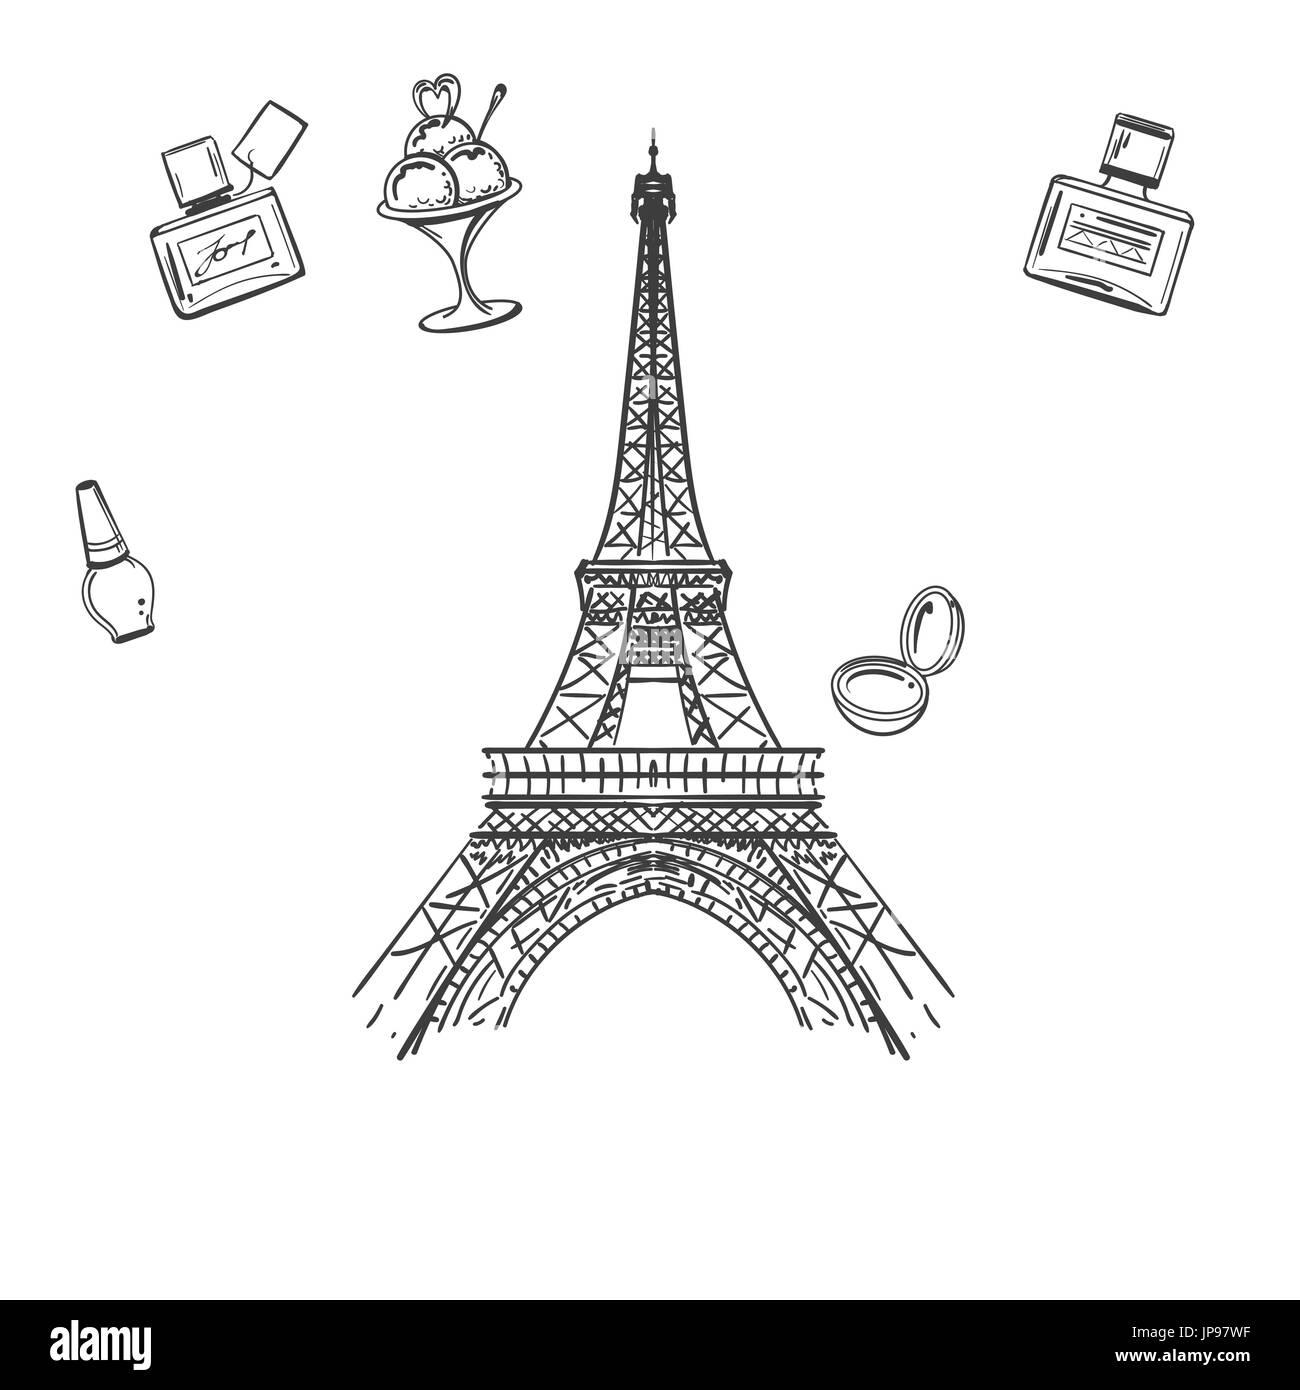 Erfreut Paris Eiffelturm Malvorlagen Galerie - Malvorlagen-Ideen ...